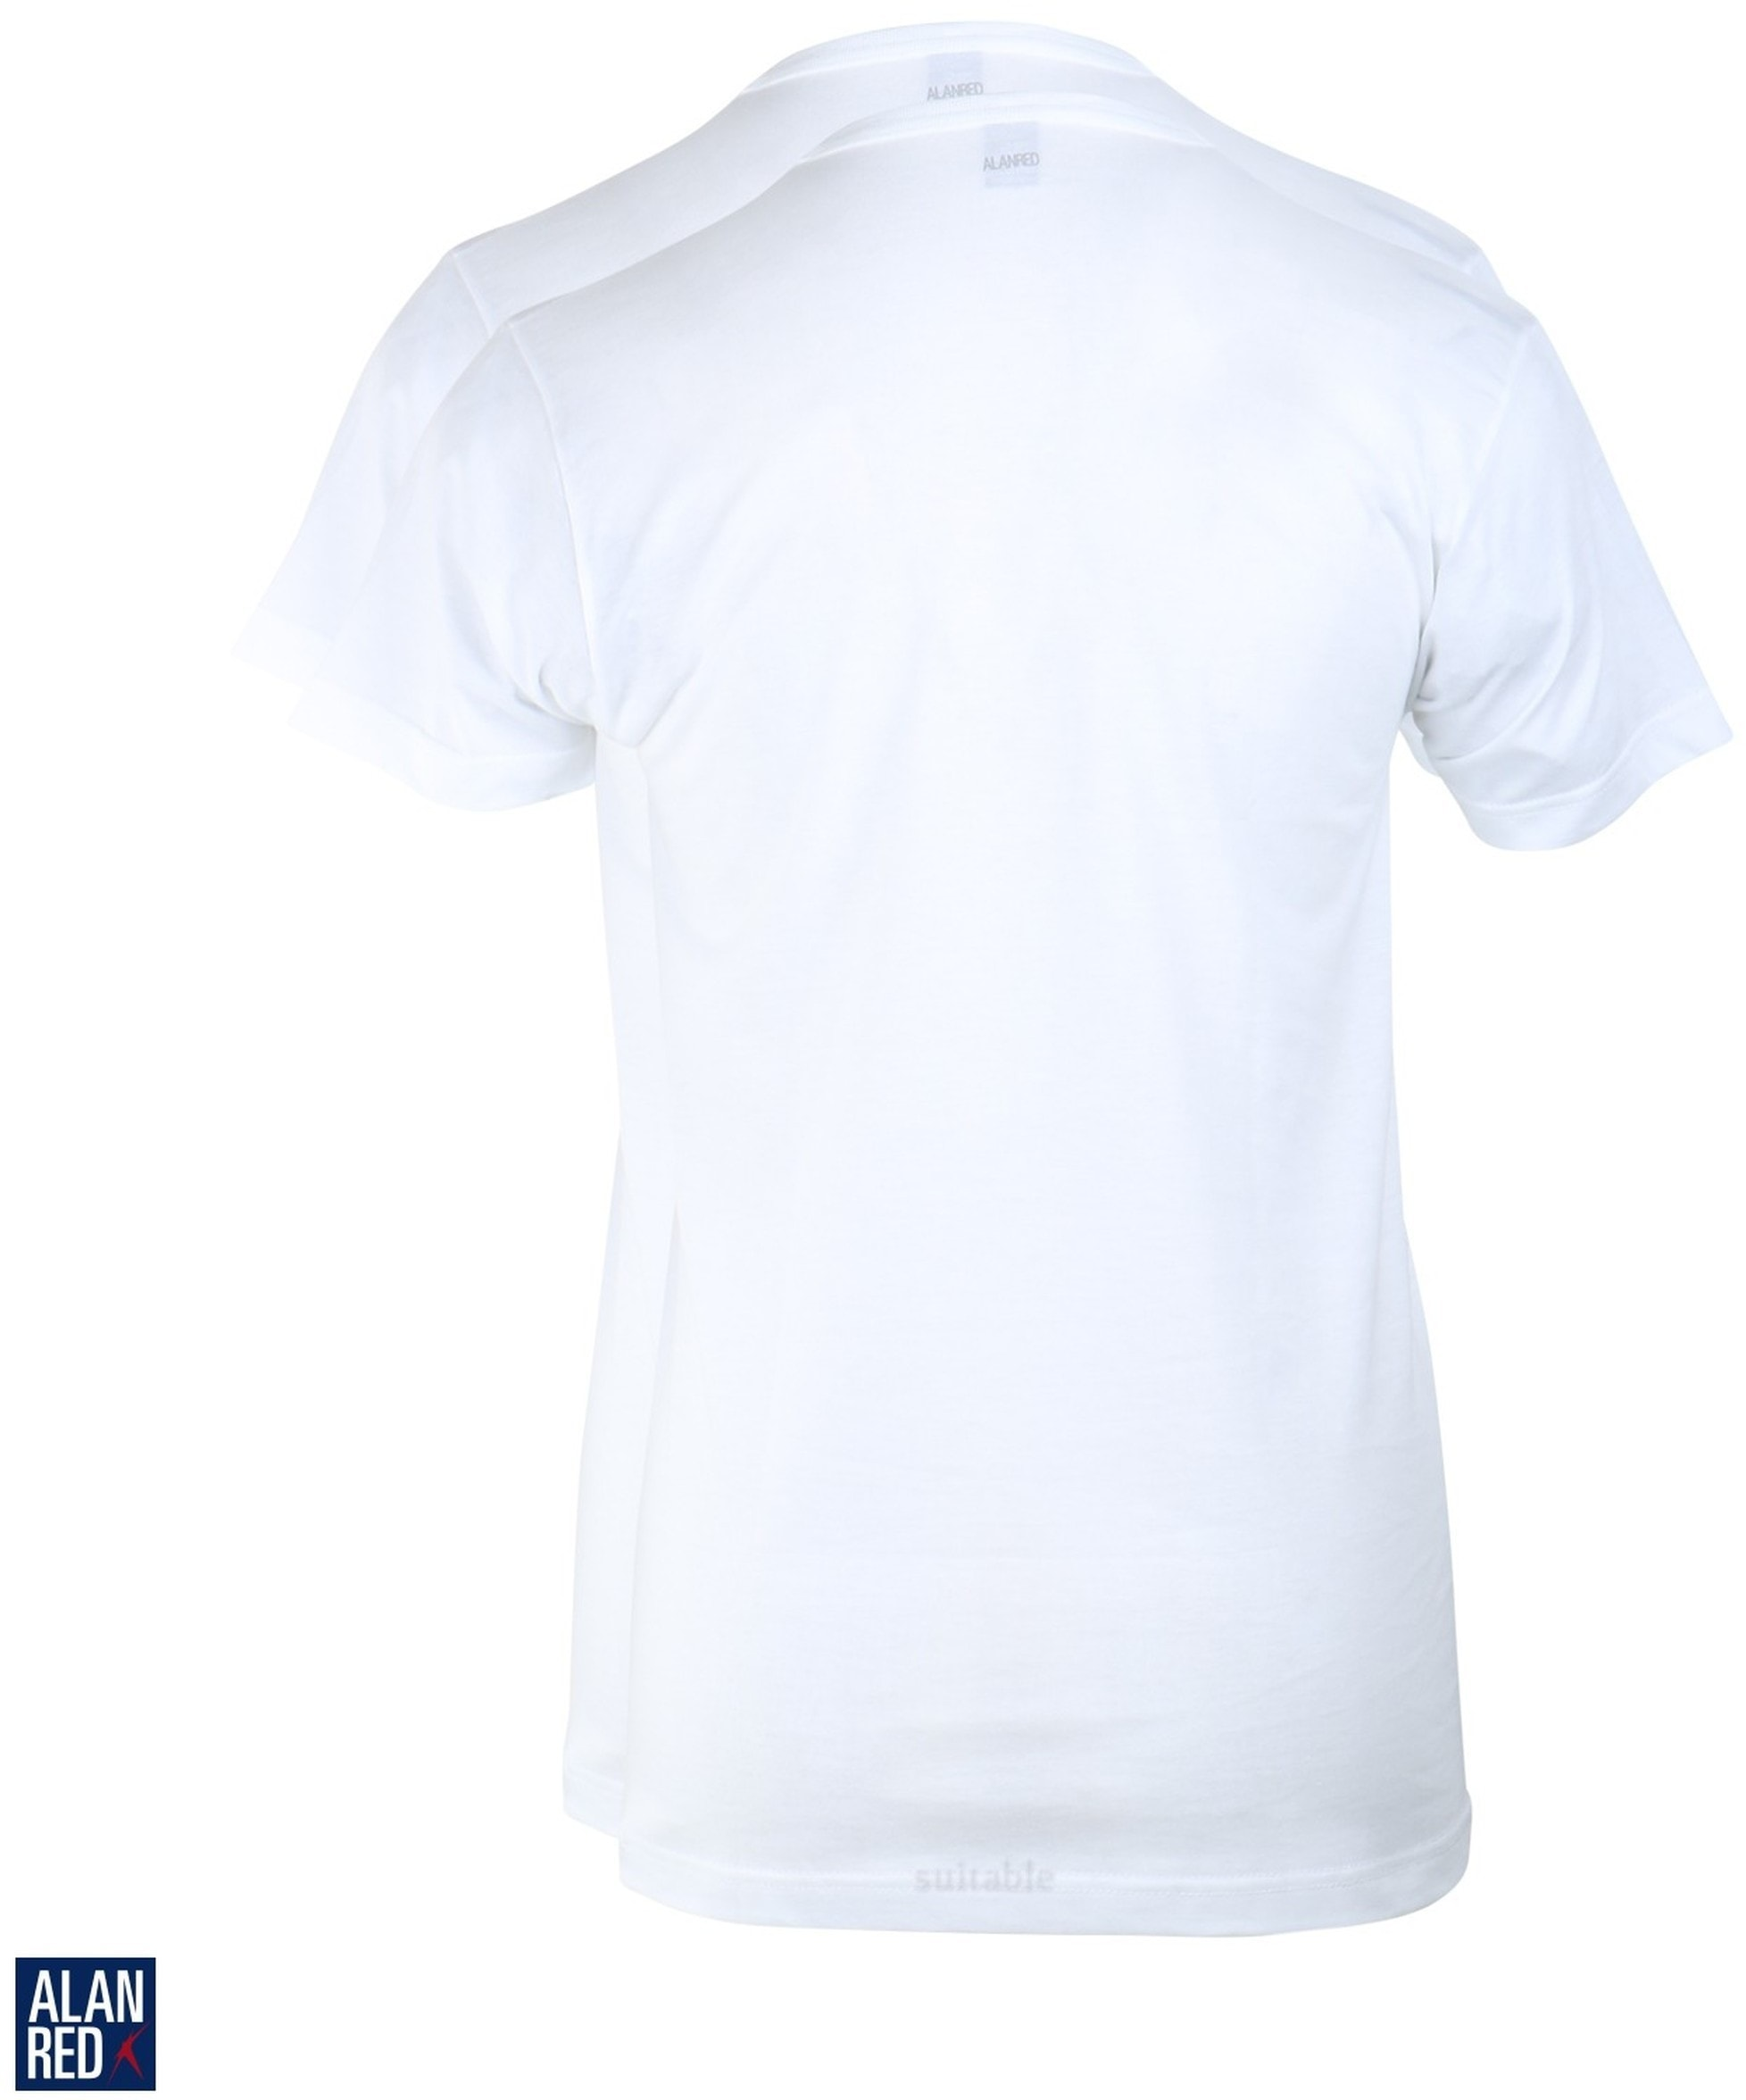 Alan Red West-Virginia T-shirt V-Hals Wit (2Pack) foto 1